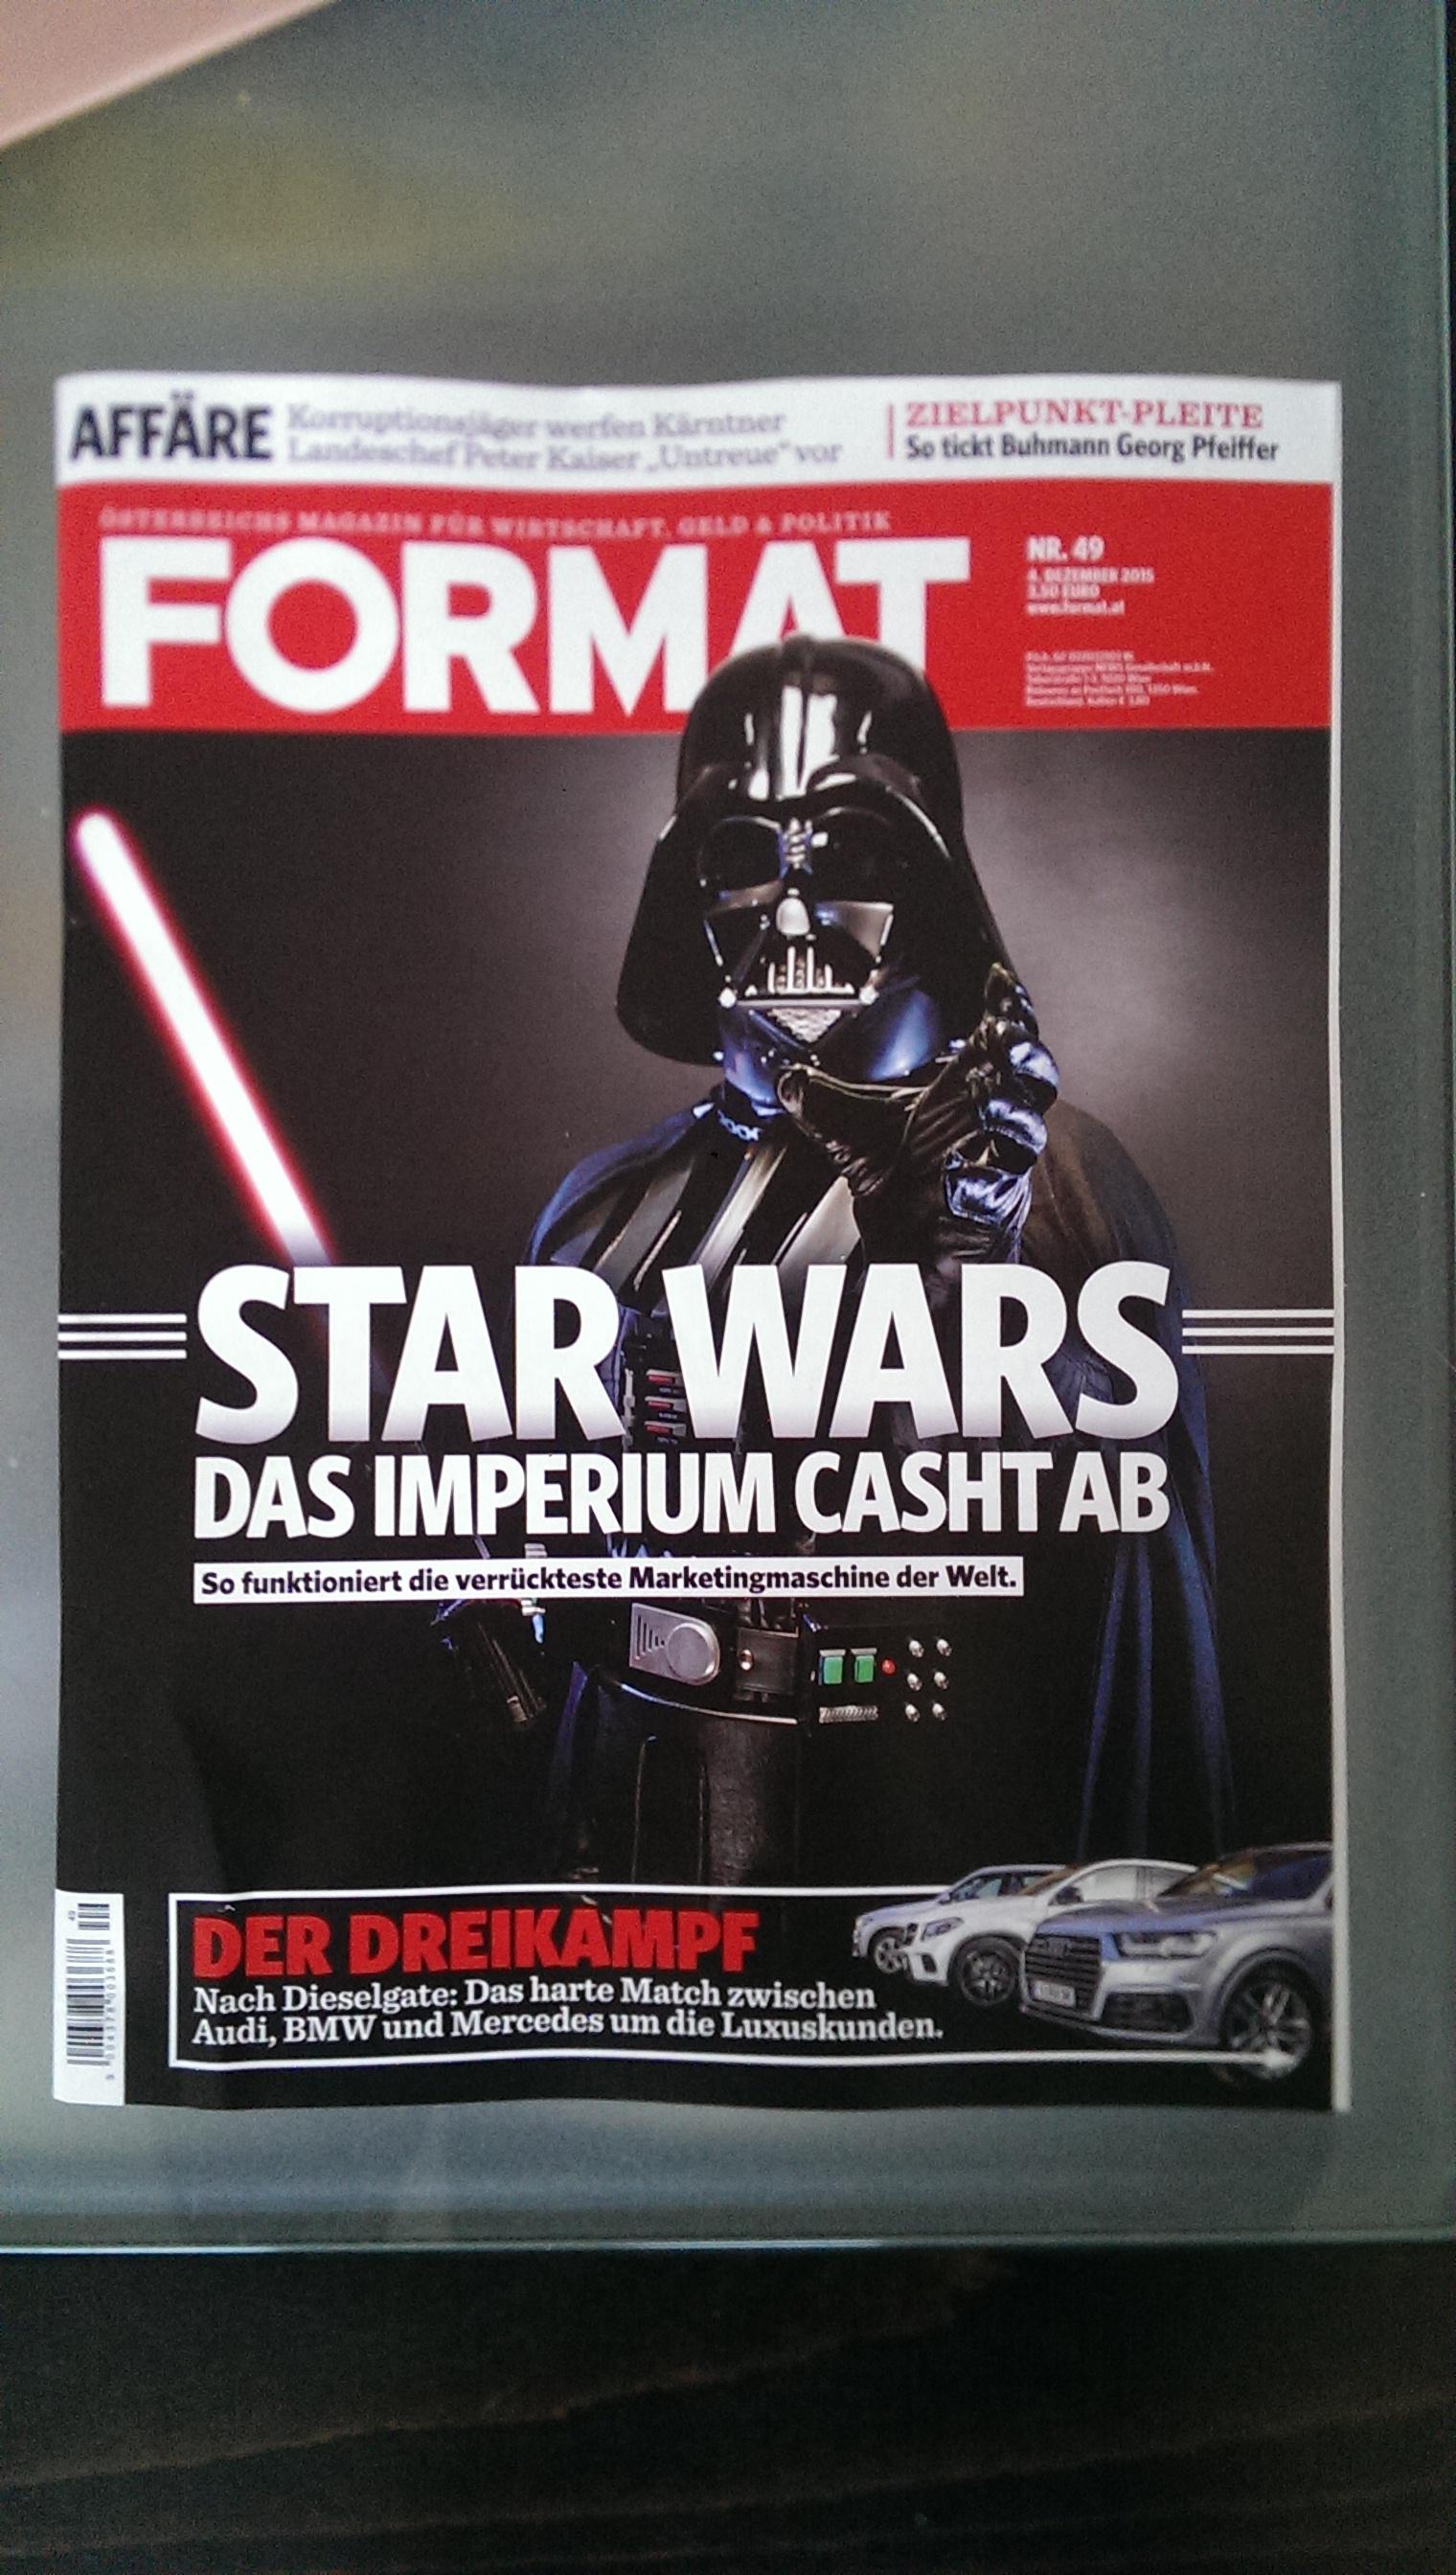 (c) FORMAT